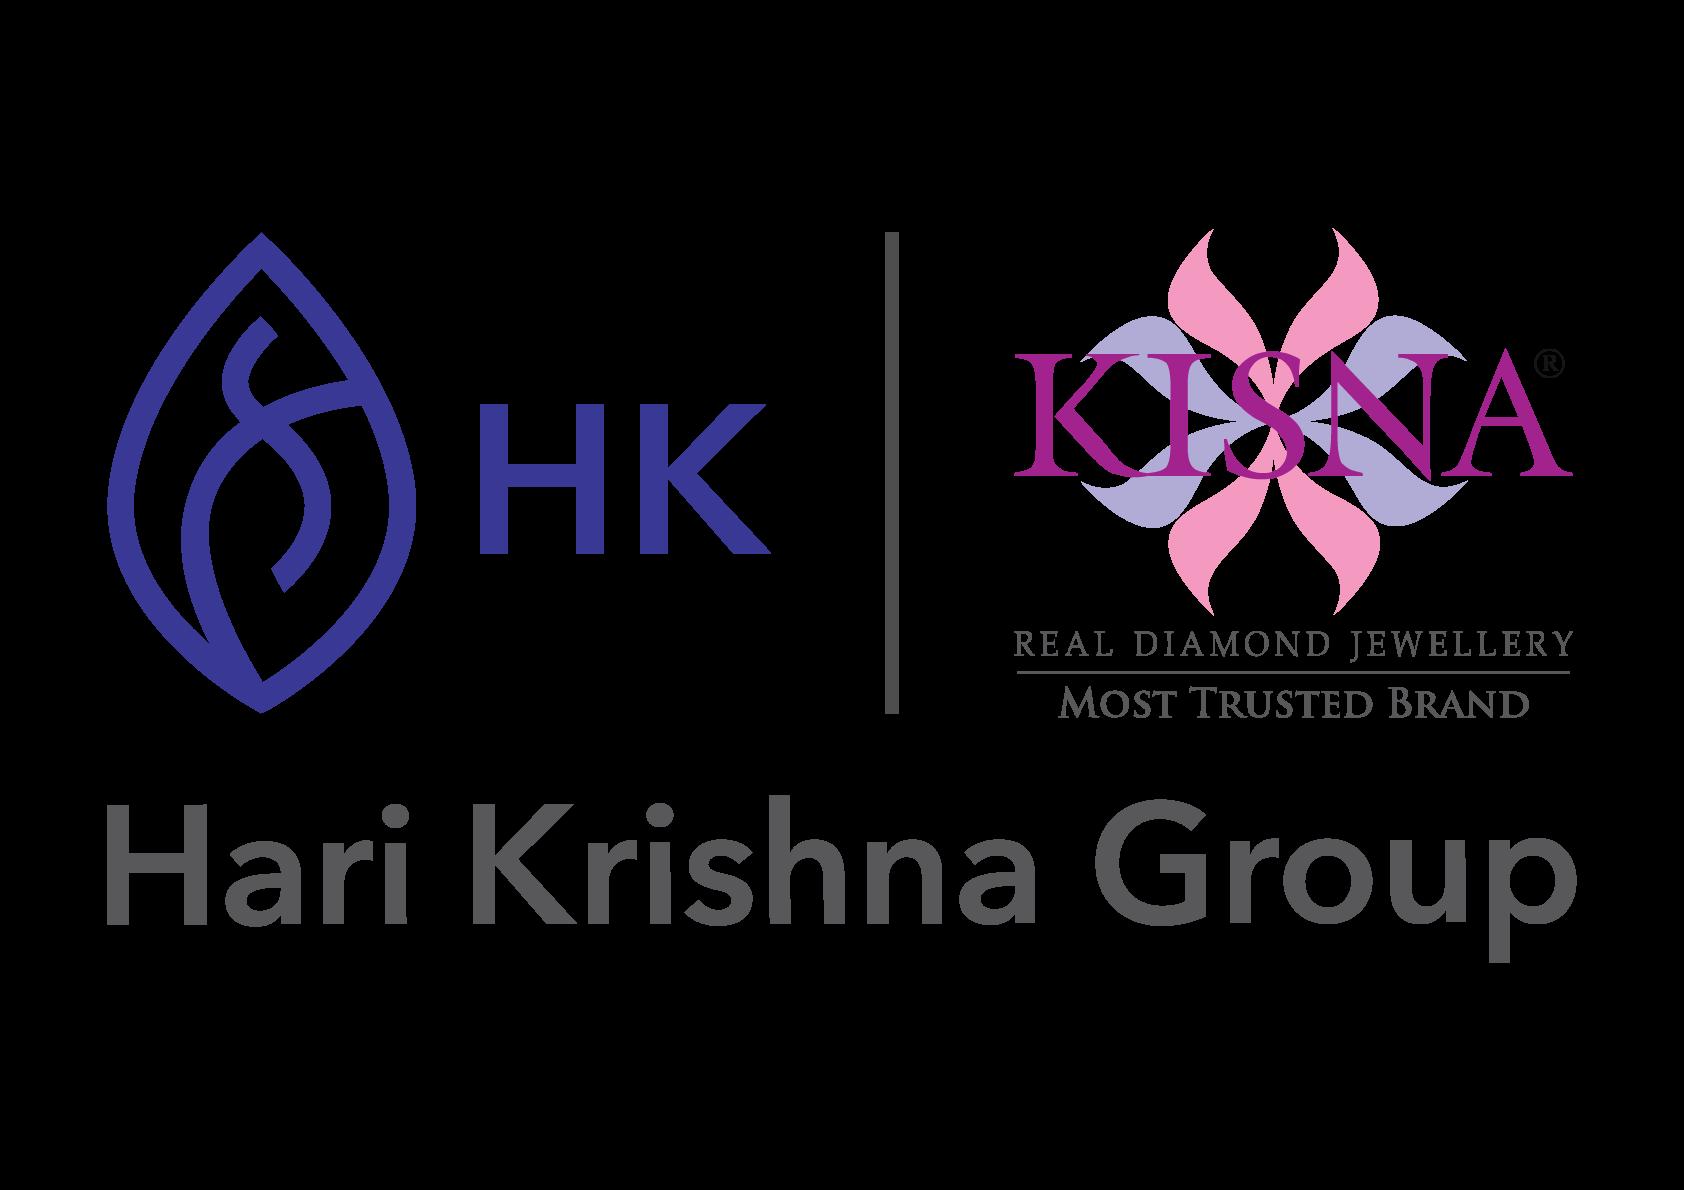 Hari Krishna Group